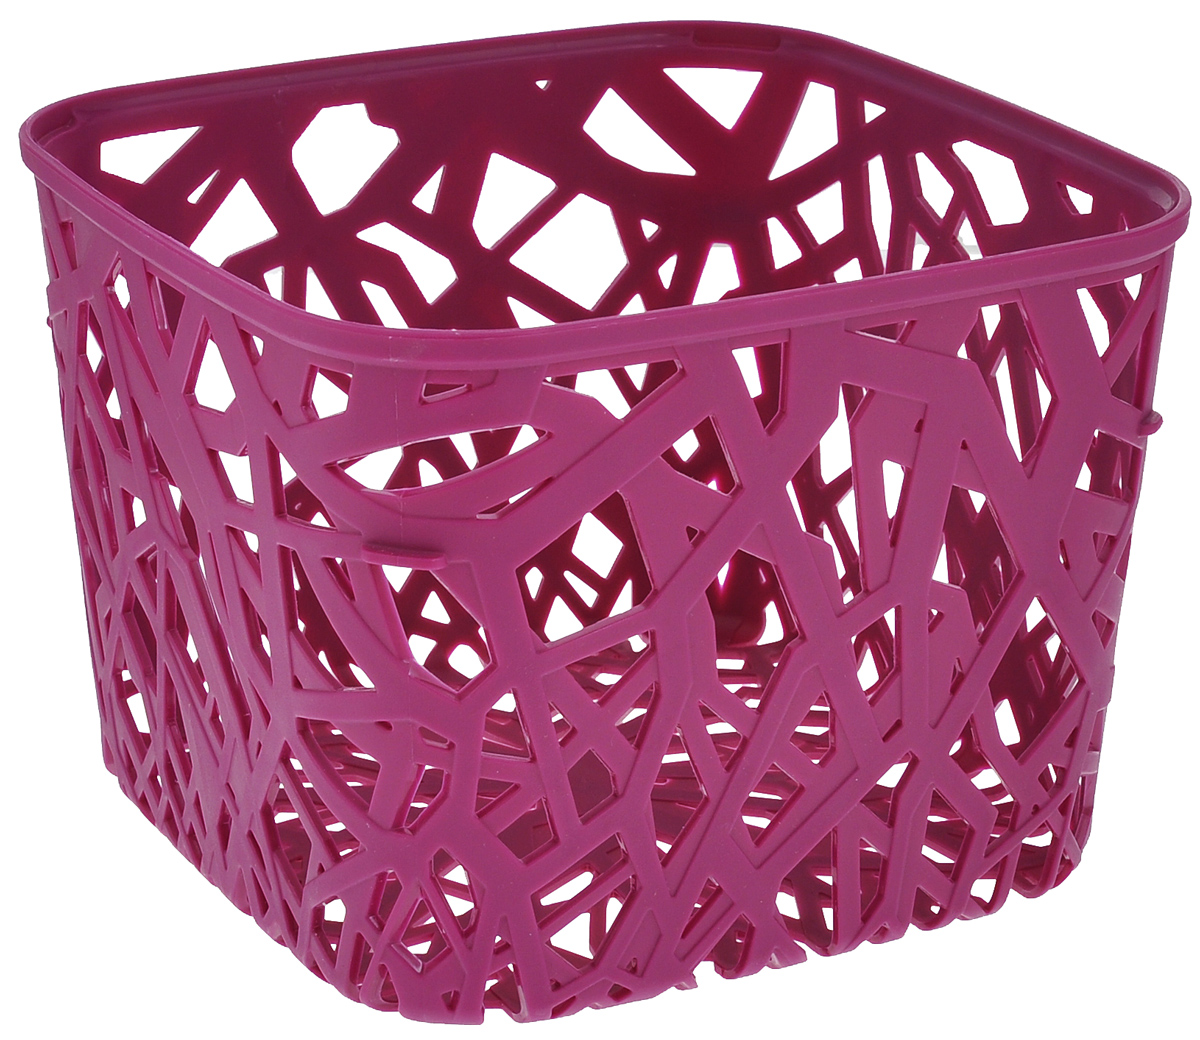 Корзинка Curver Ecolife, цвет: фиолетовый, 19,2 см х 19,2 см х 14,4 см4160_фиолетовыйКвадратная корзинка Curver Ecolife изготовлена из высококачественного пластика. Предназначена для хранения различных предметов в ванной, на кухне, на даче или в гараже. Стенки корзины оформлены изящной перфорацией, обеспечивающей естественную вентиляцию.